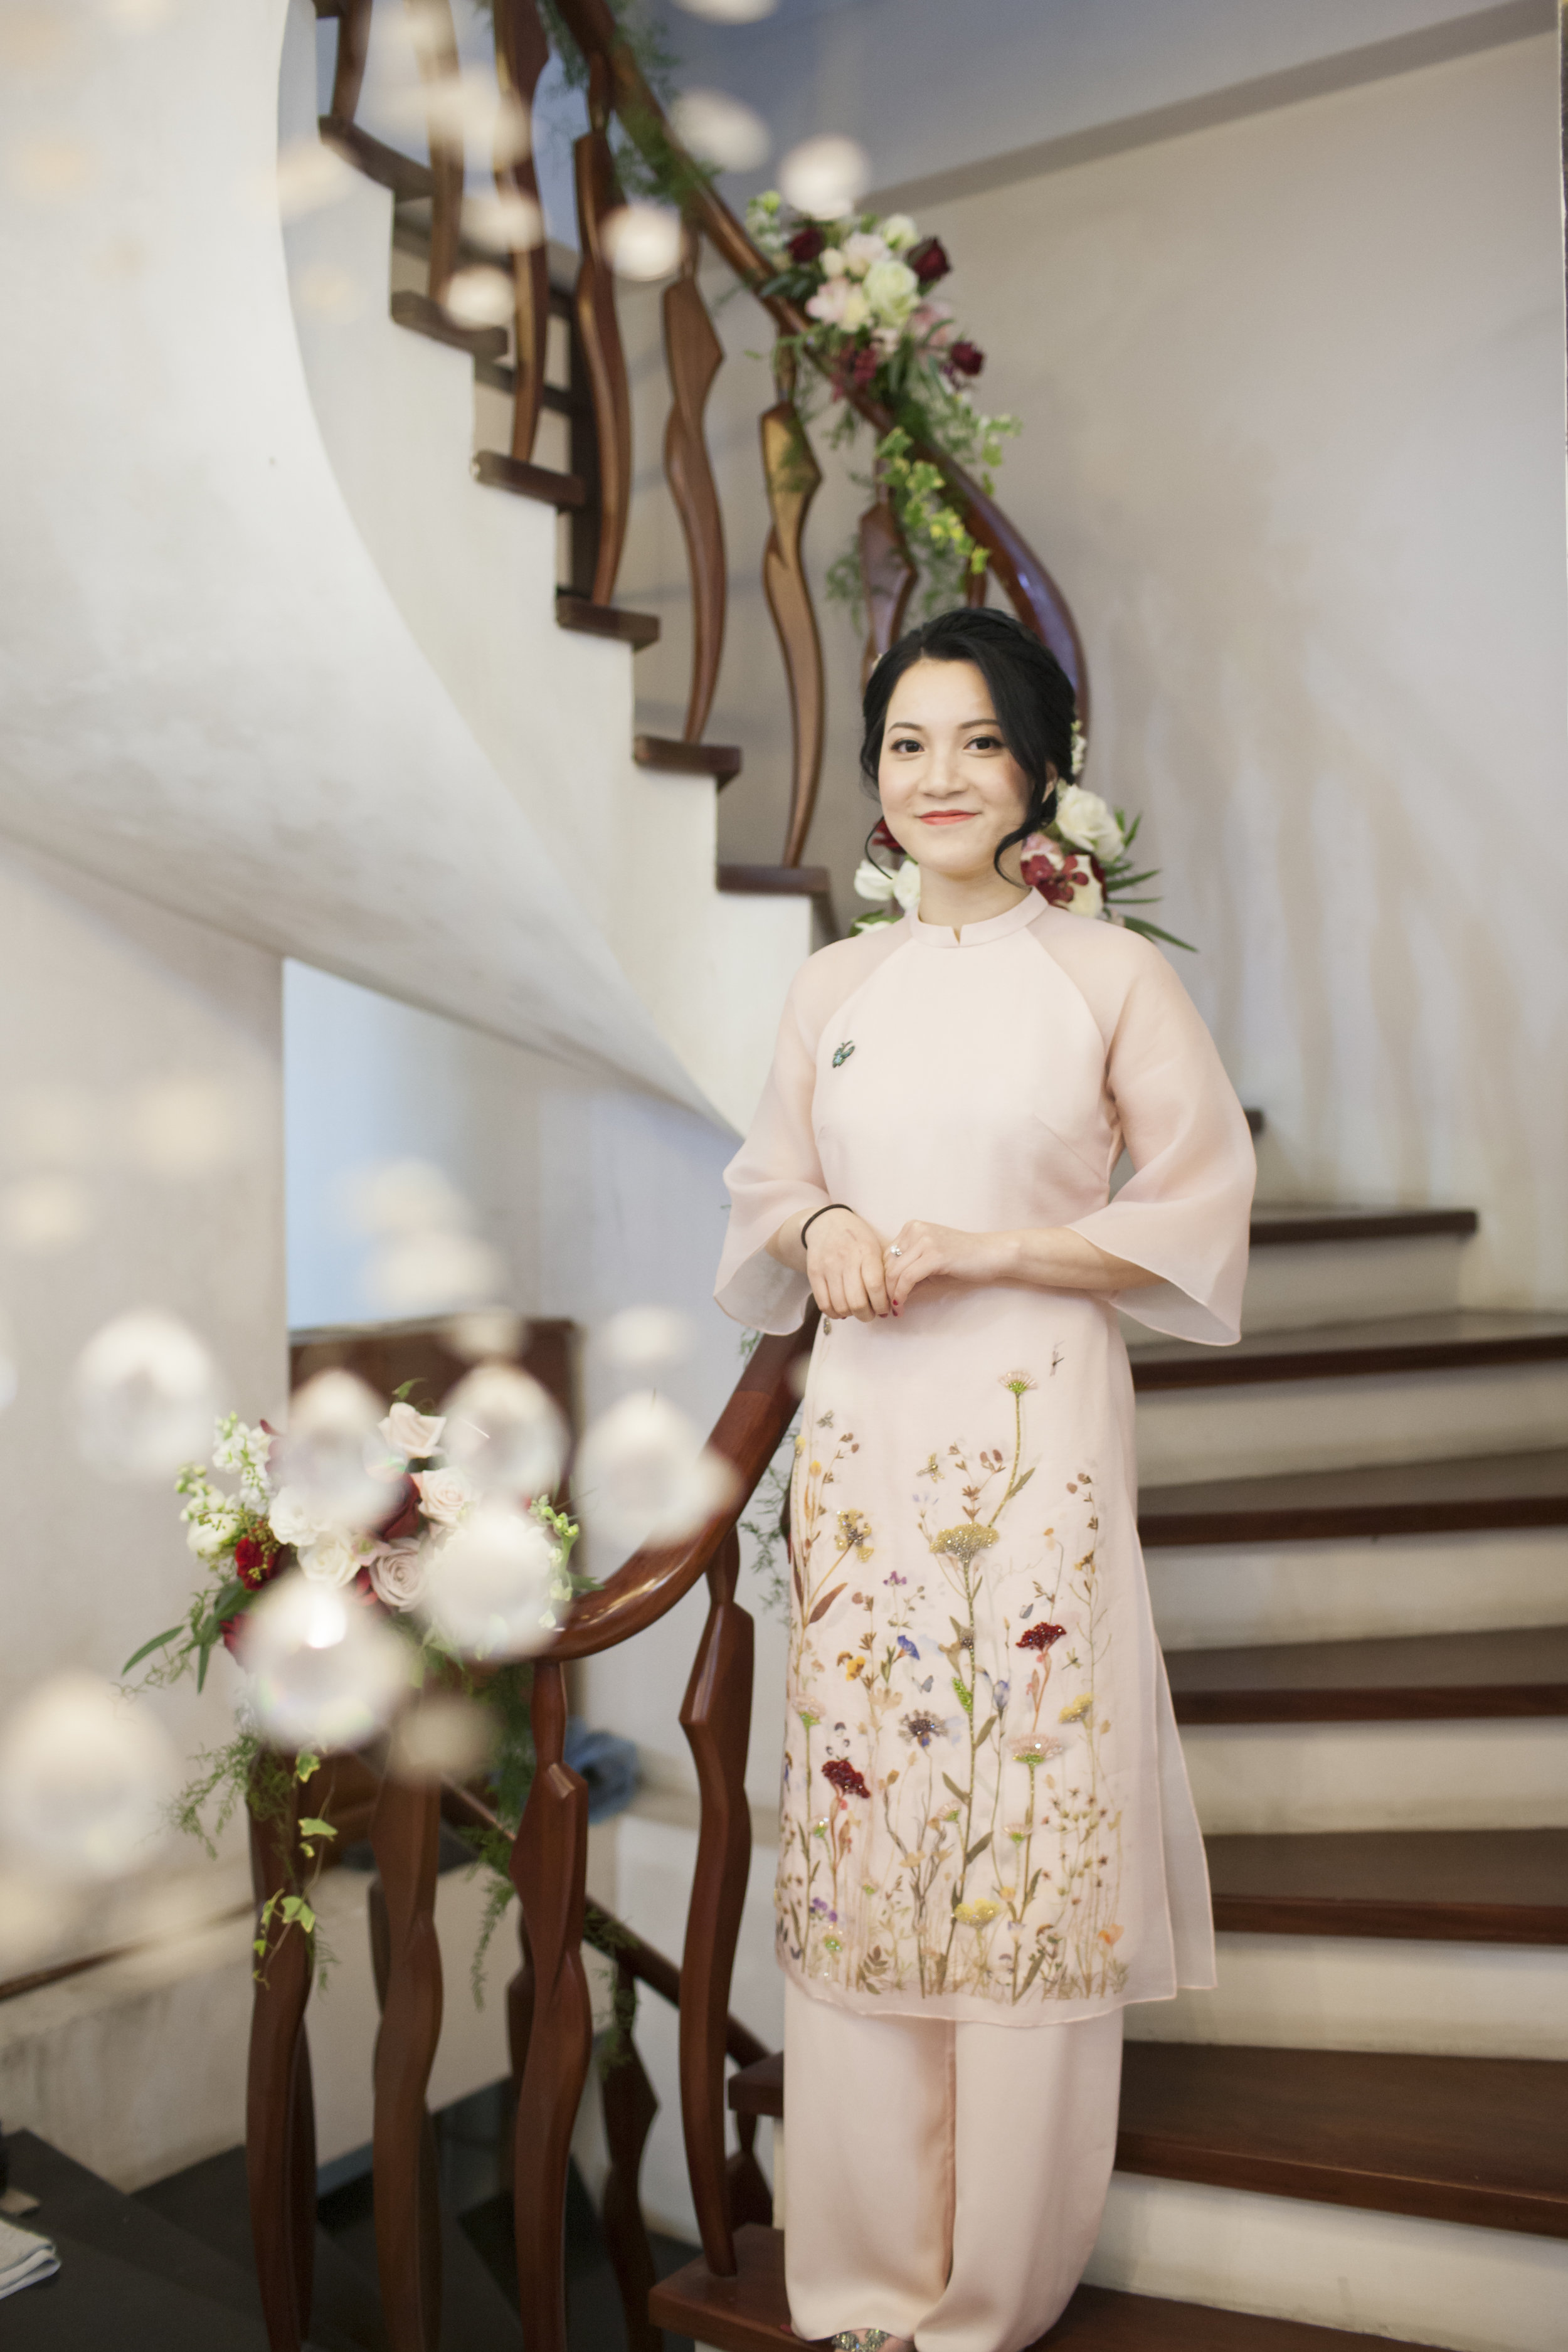 Cuong Trang 25.12.2017 33.jpg